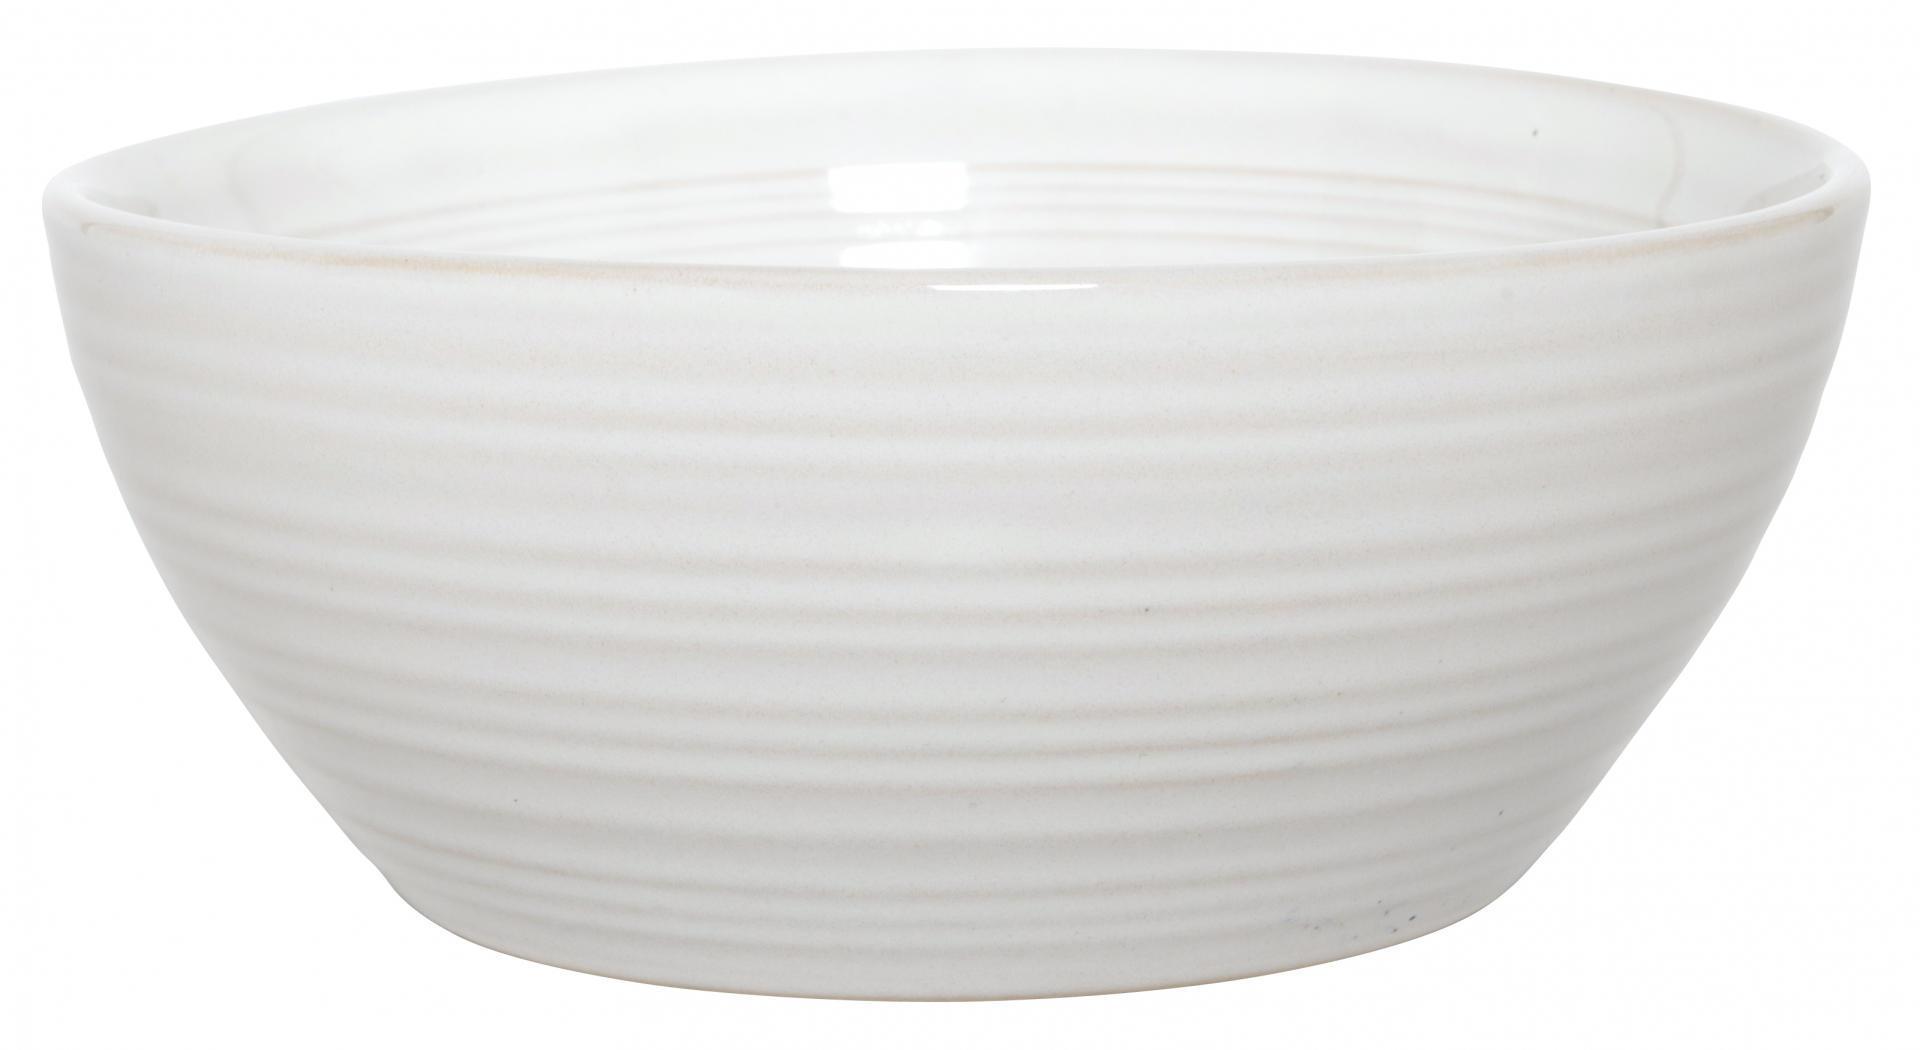 IB LAURSEN Miska Tide white, krémová barva, keramika